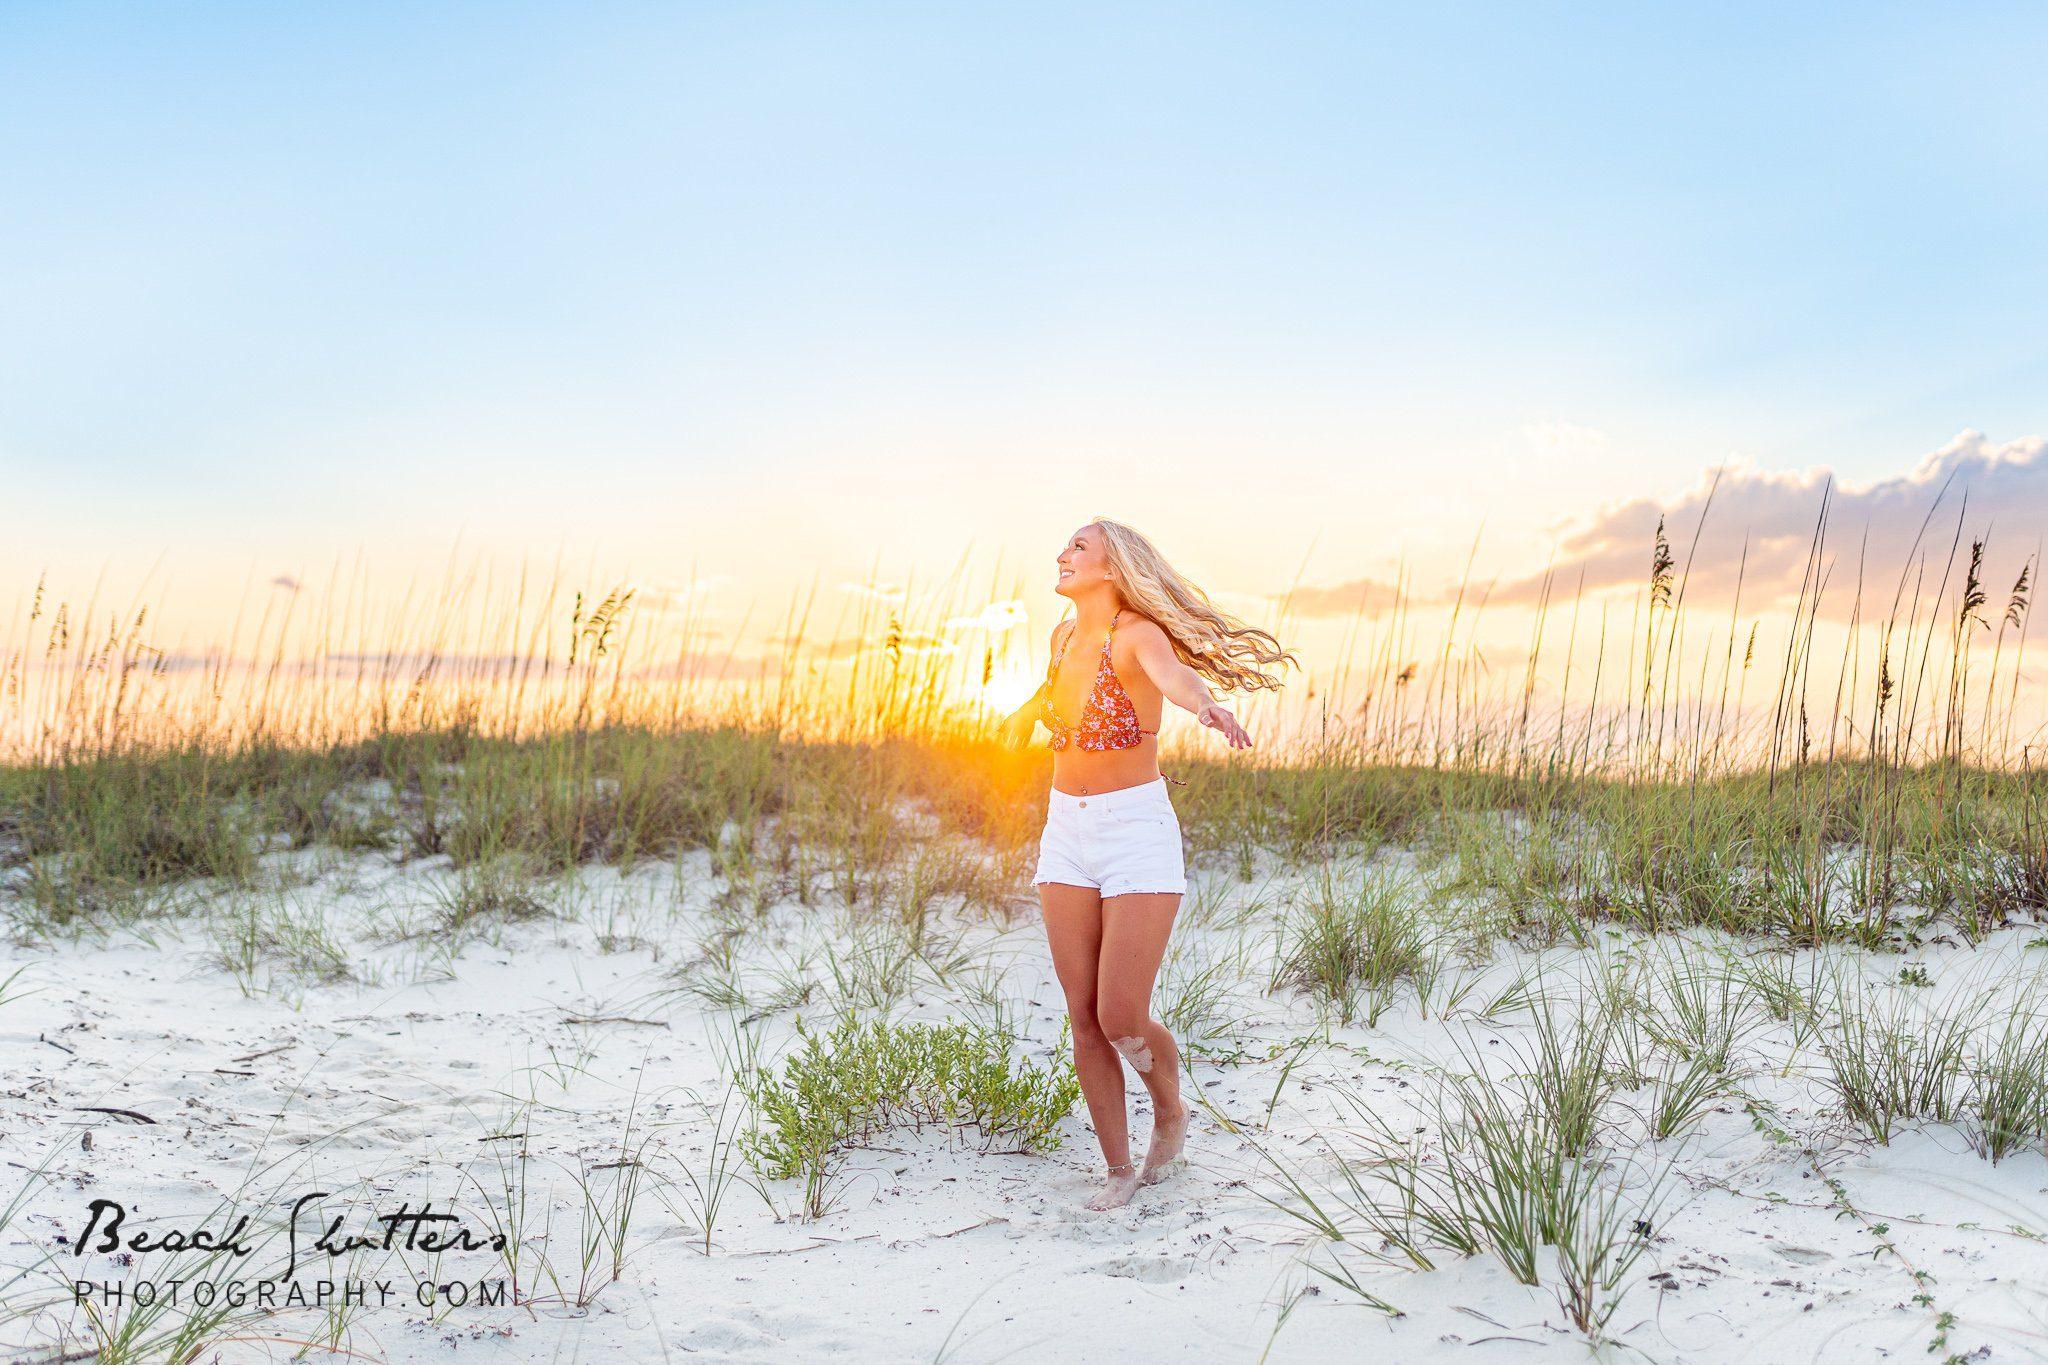 sunset photography at Alabama beaches